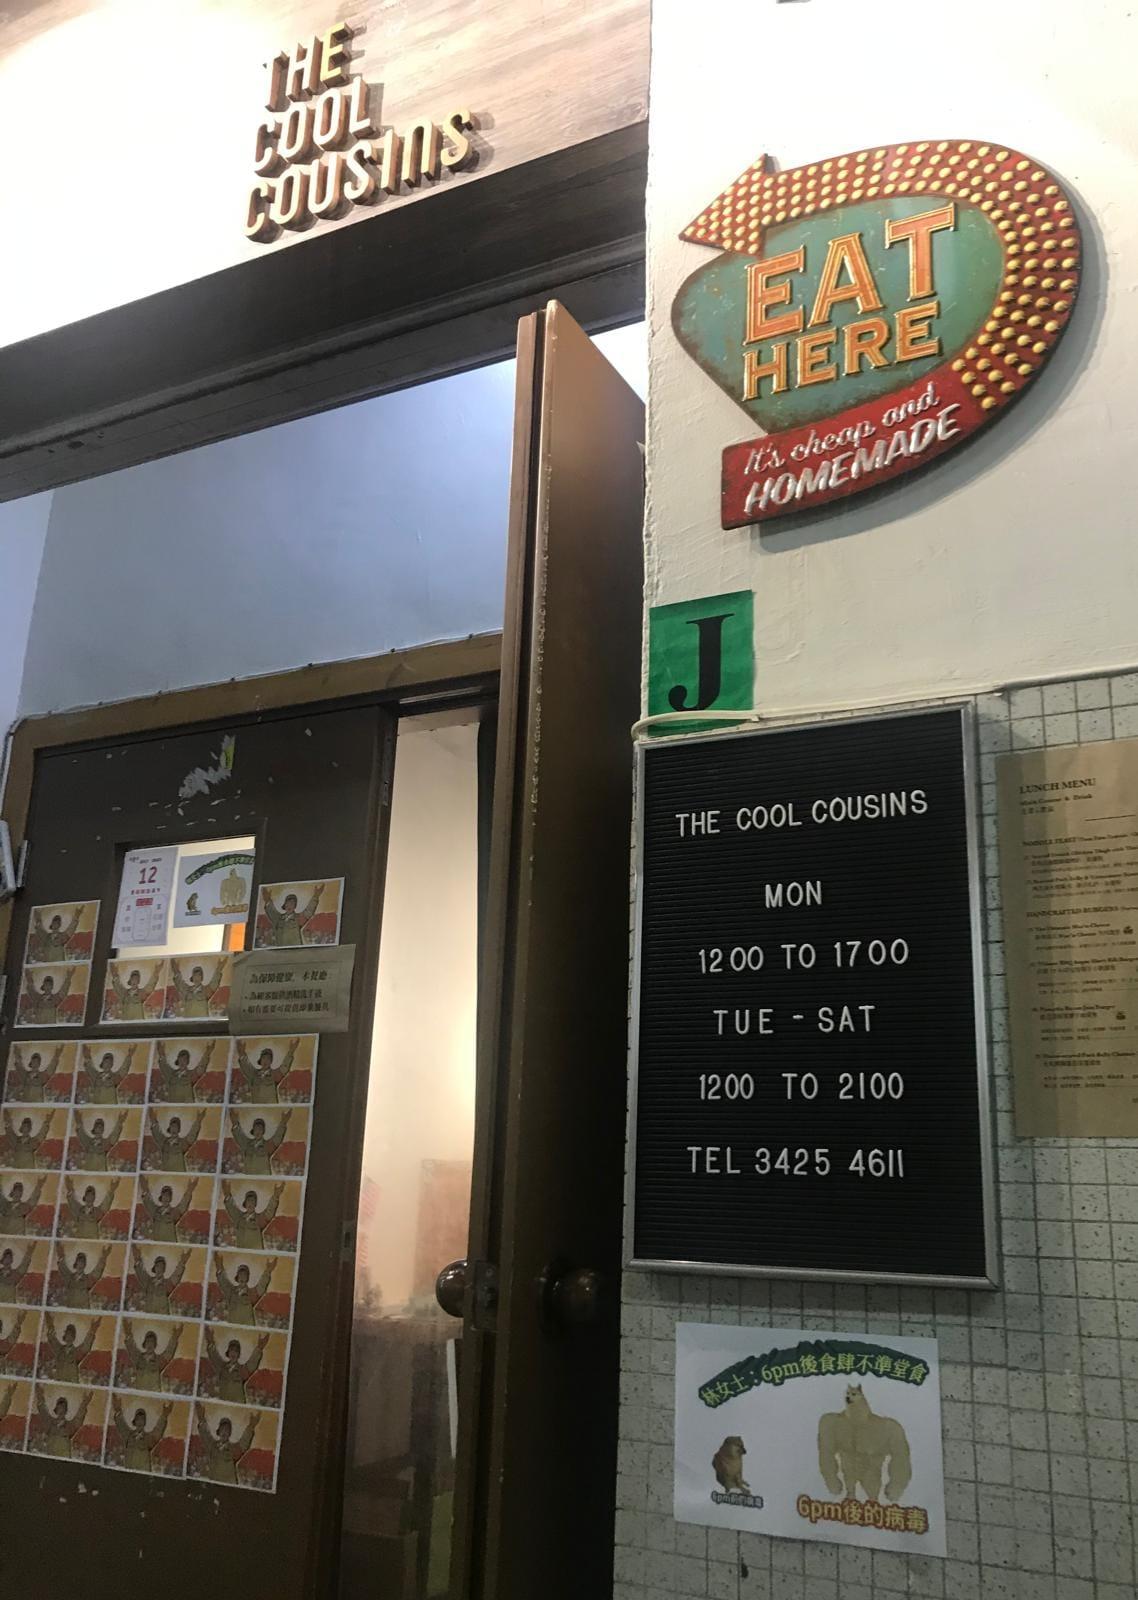 ▲The Cool Cousins 是一家提供西泰式美食的小餐館,菜式包括特色泰式湯麵和頂級西式漢堡。我們所有食材均由原材料開始準備,即叫即製,而過程中不添加任何味精,令客人能品嘗食物的原味道